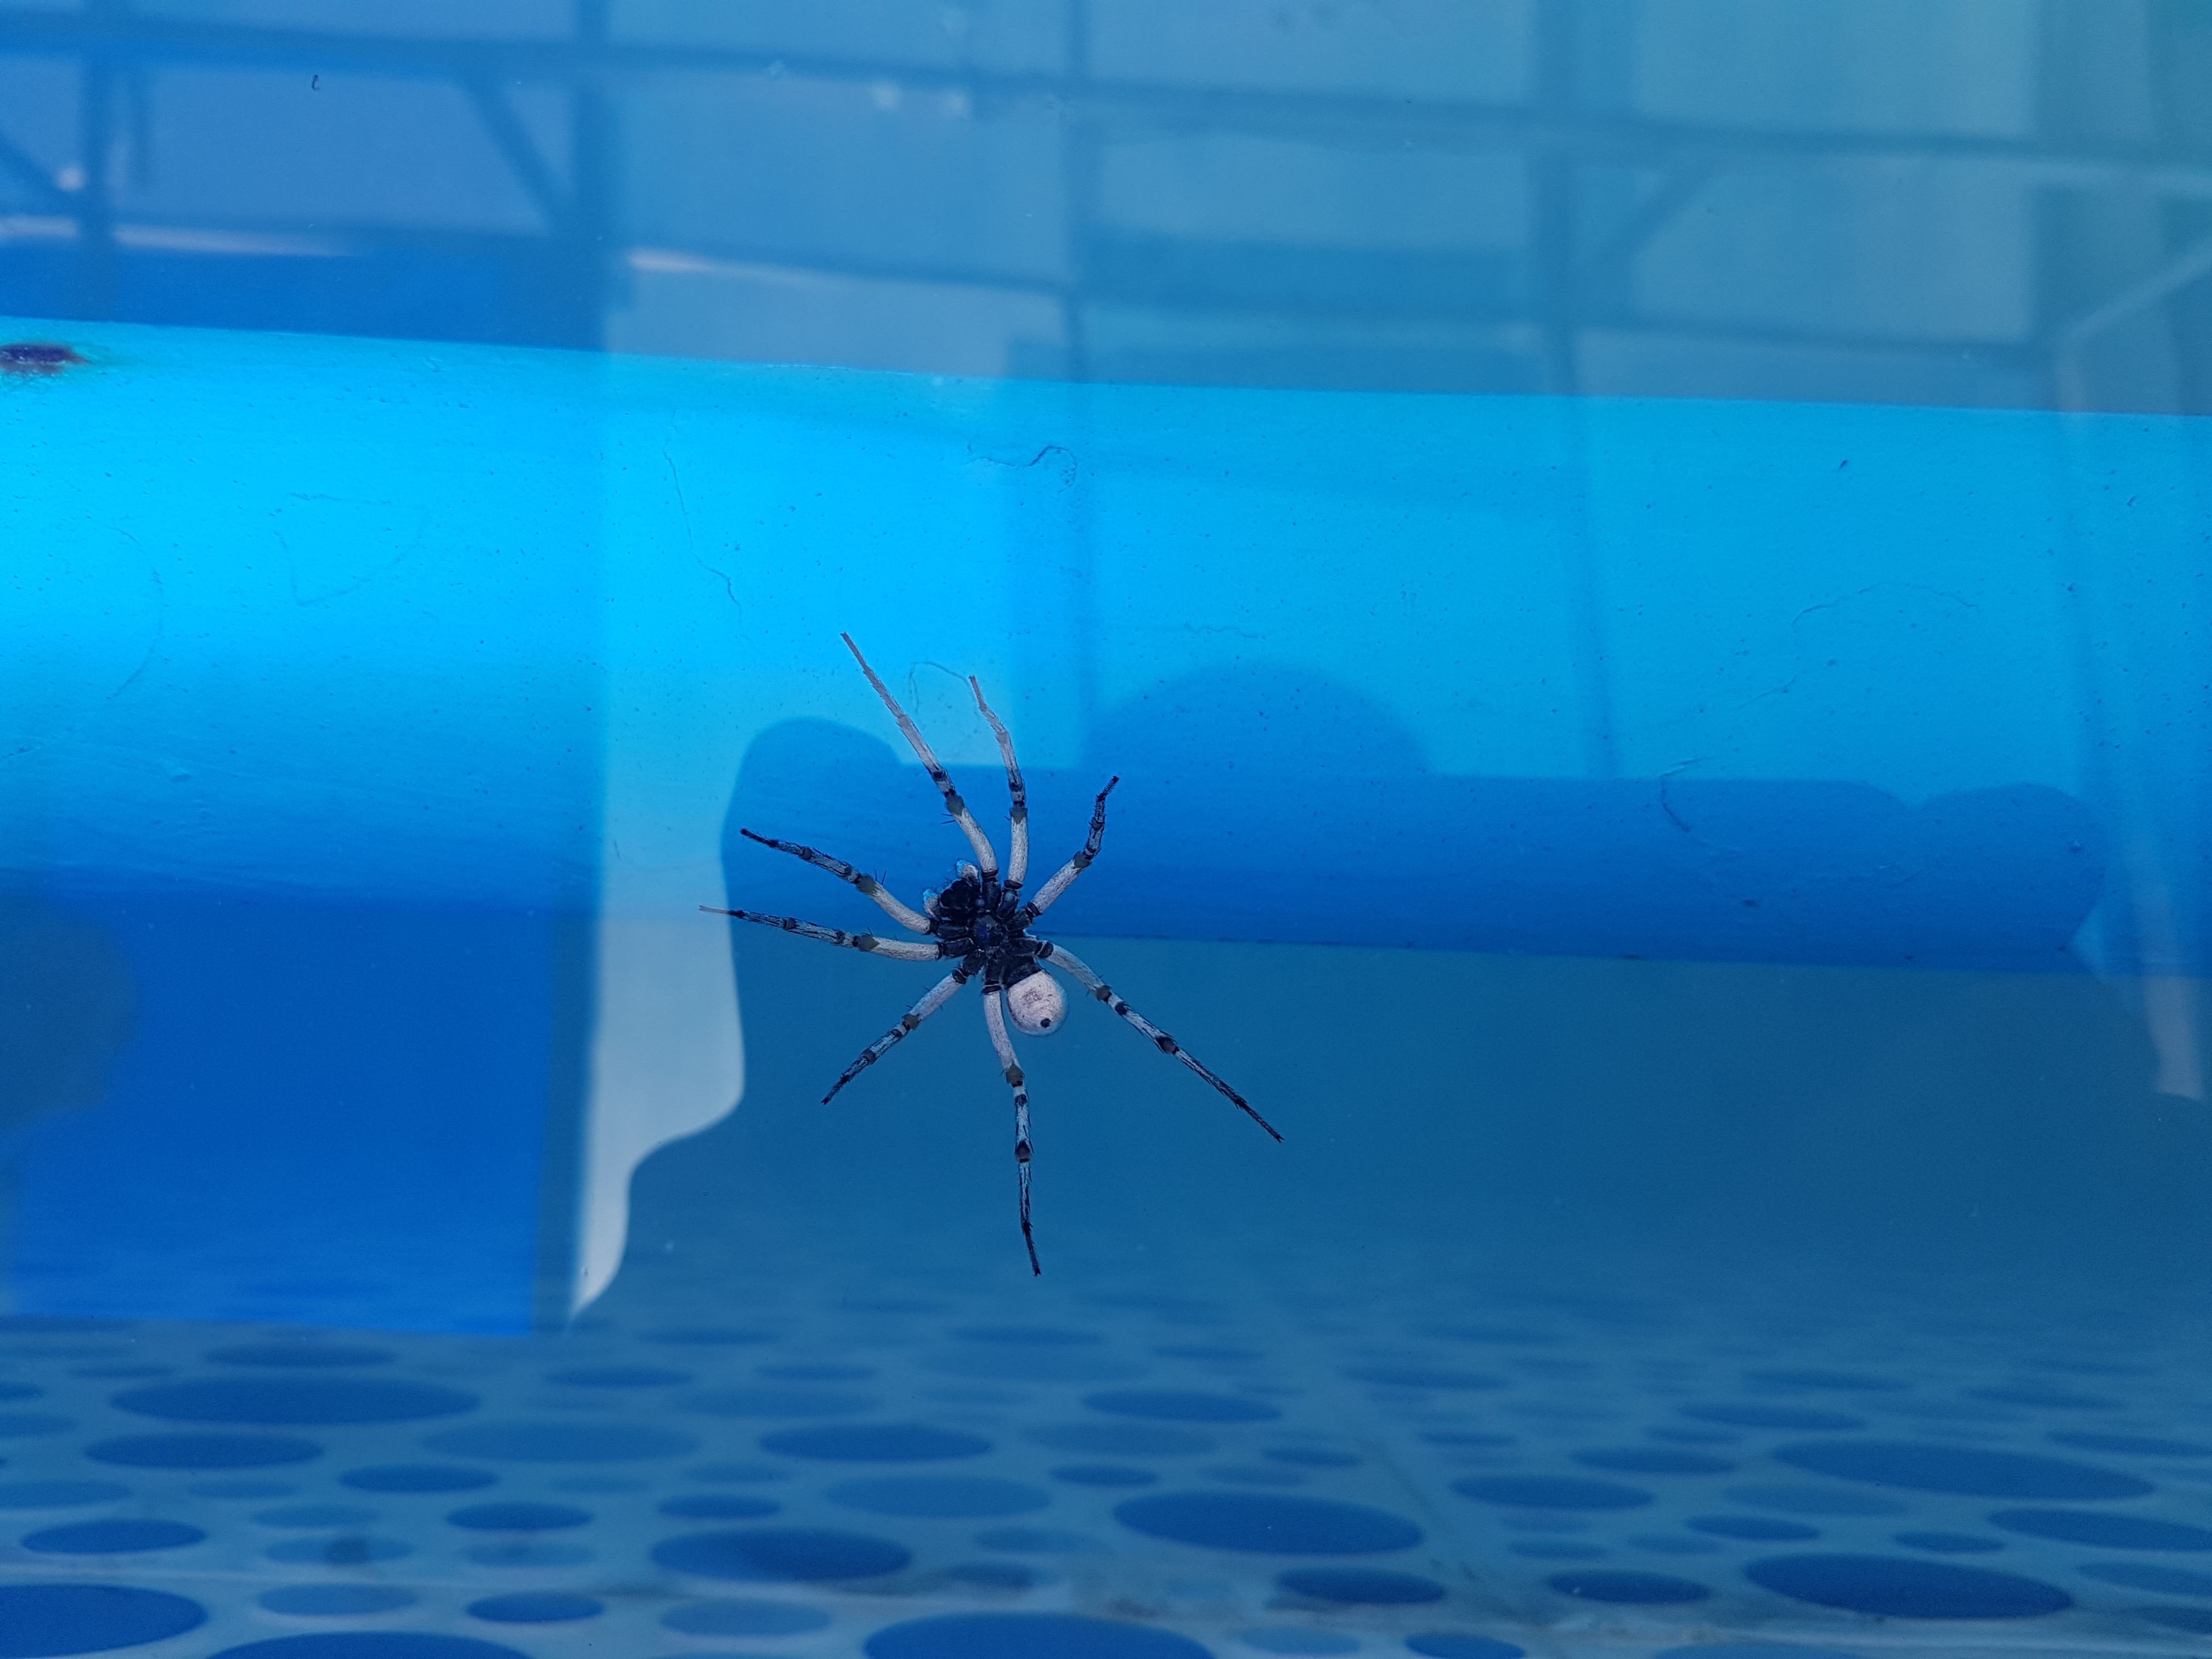 ۲۰۱۷۰۶۲۷ ۱۴۵۹۱۶ - عنکبوت به شکل ربات